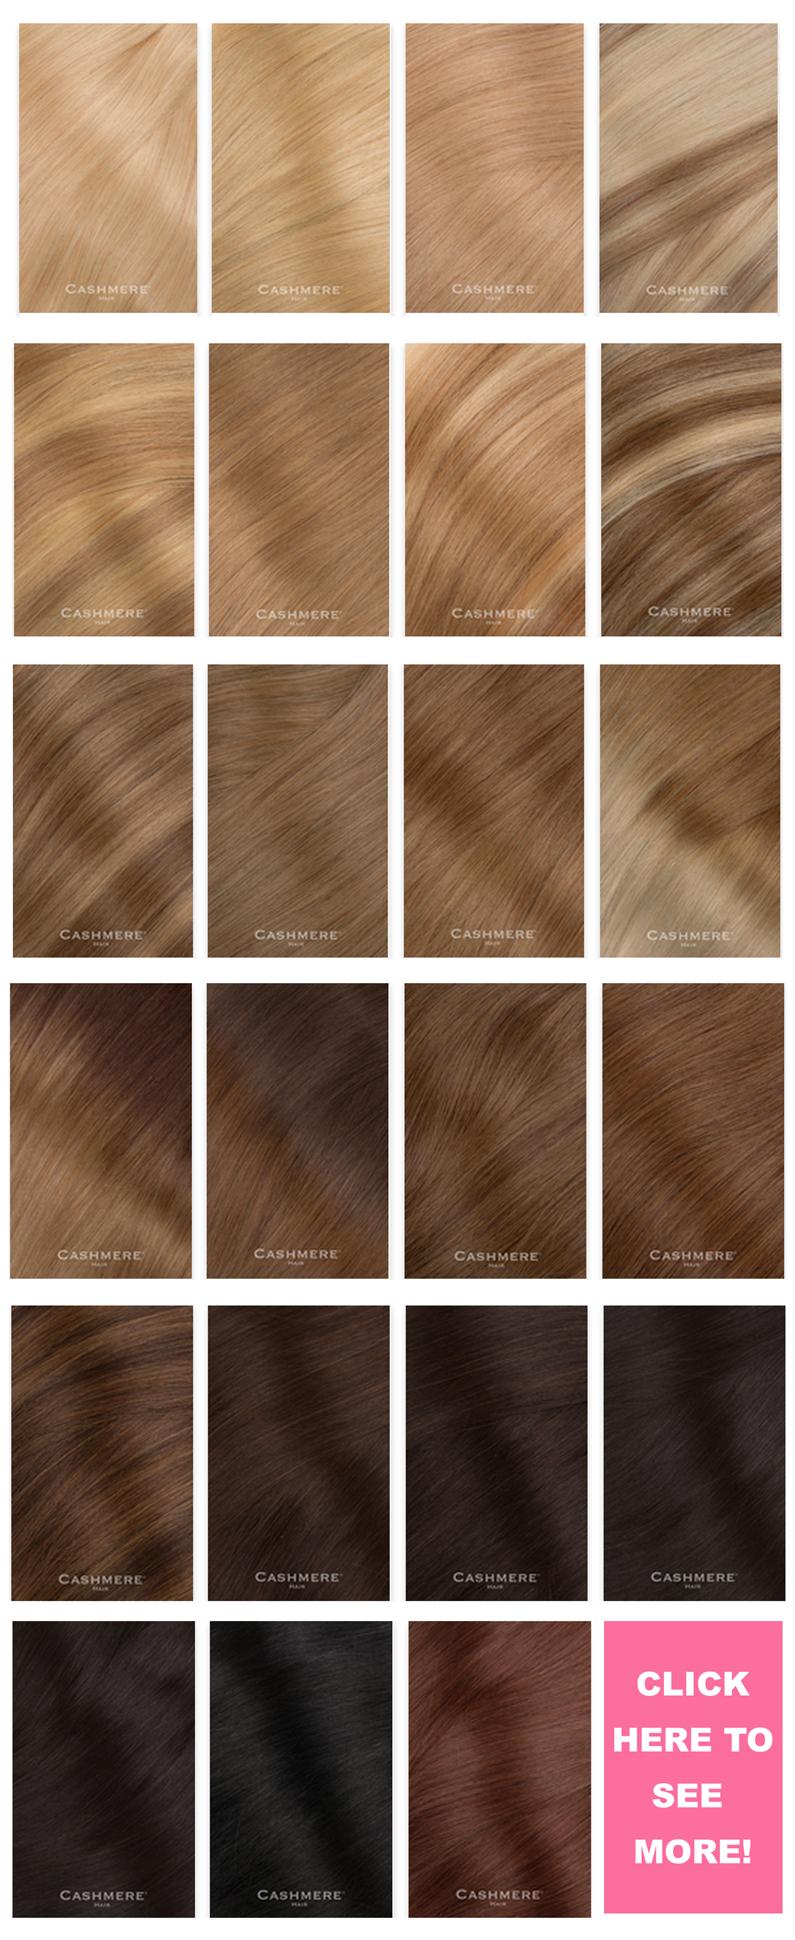 CASHMERE-HAIR-COLORS